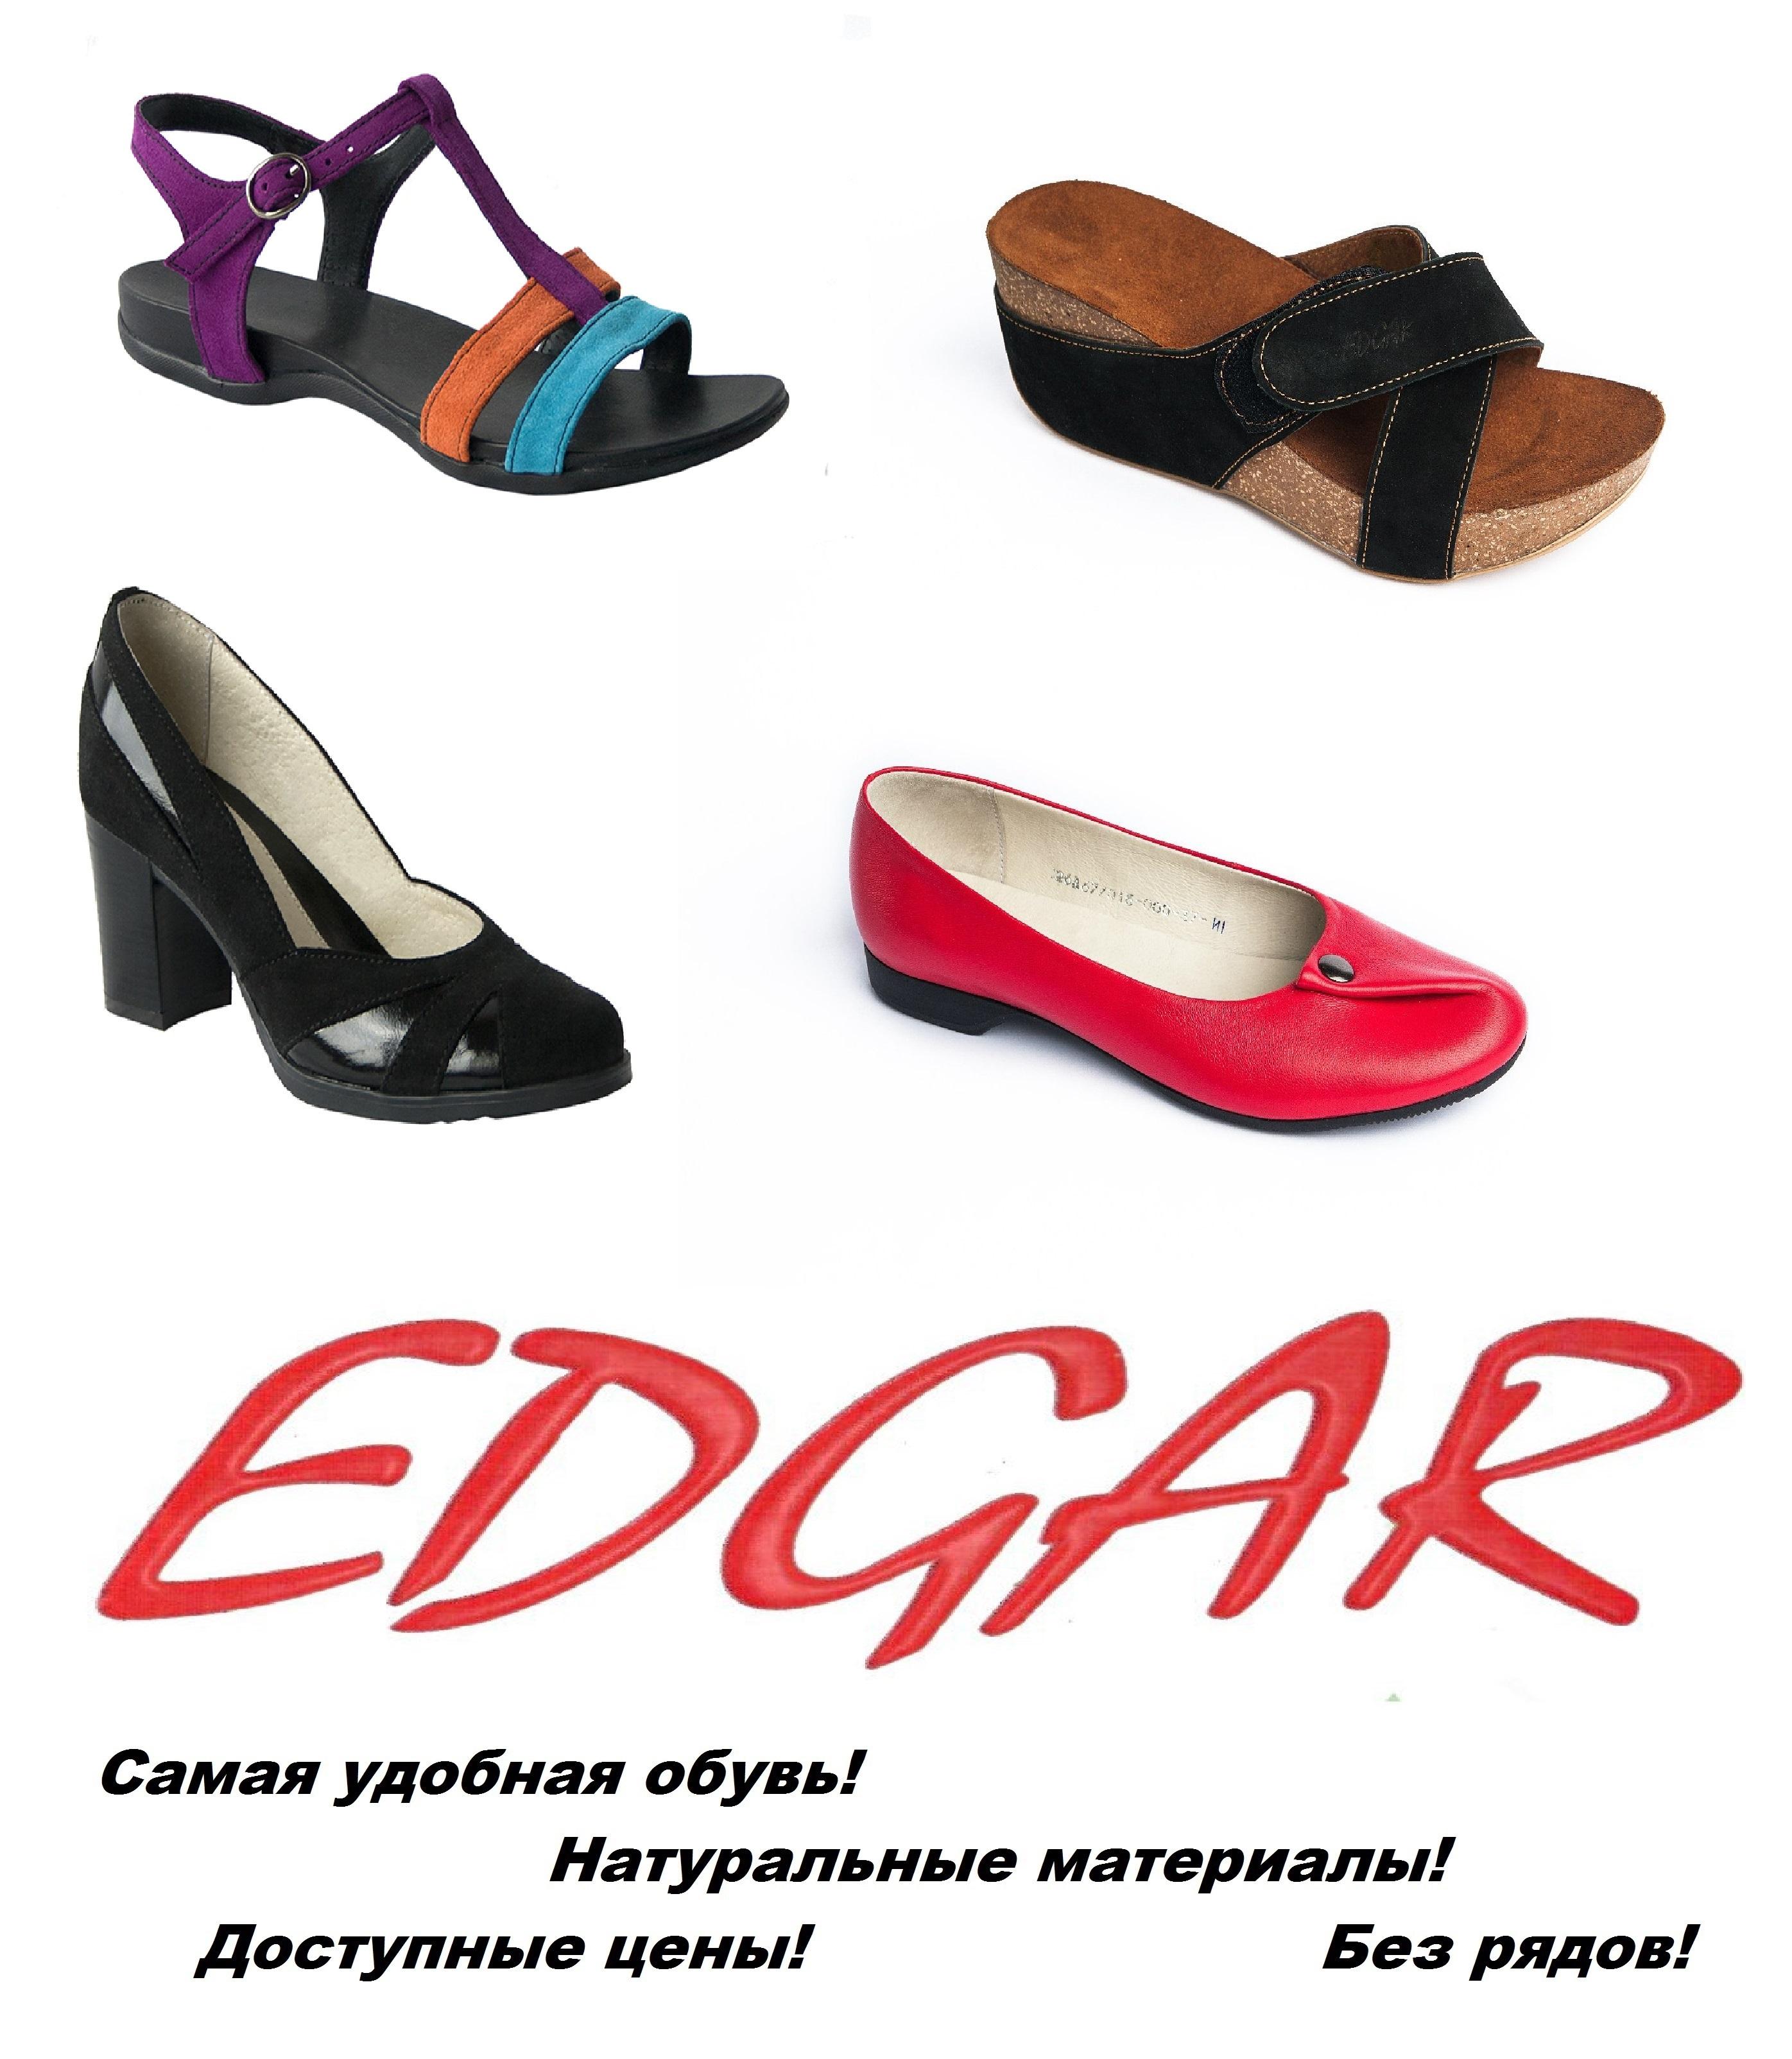 Сбор заказов.Самая удобная обувь-любимый бренд Эdг@р.Экспресс-сбор по наличию.